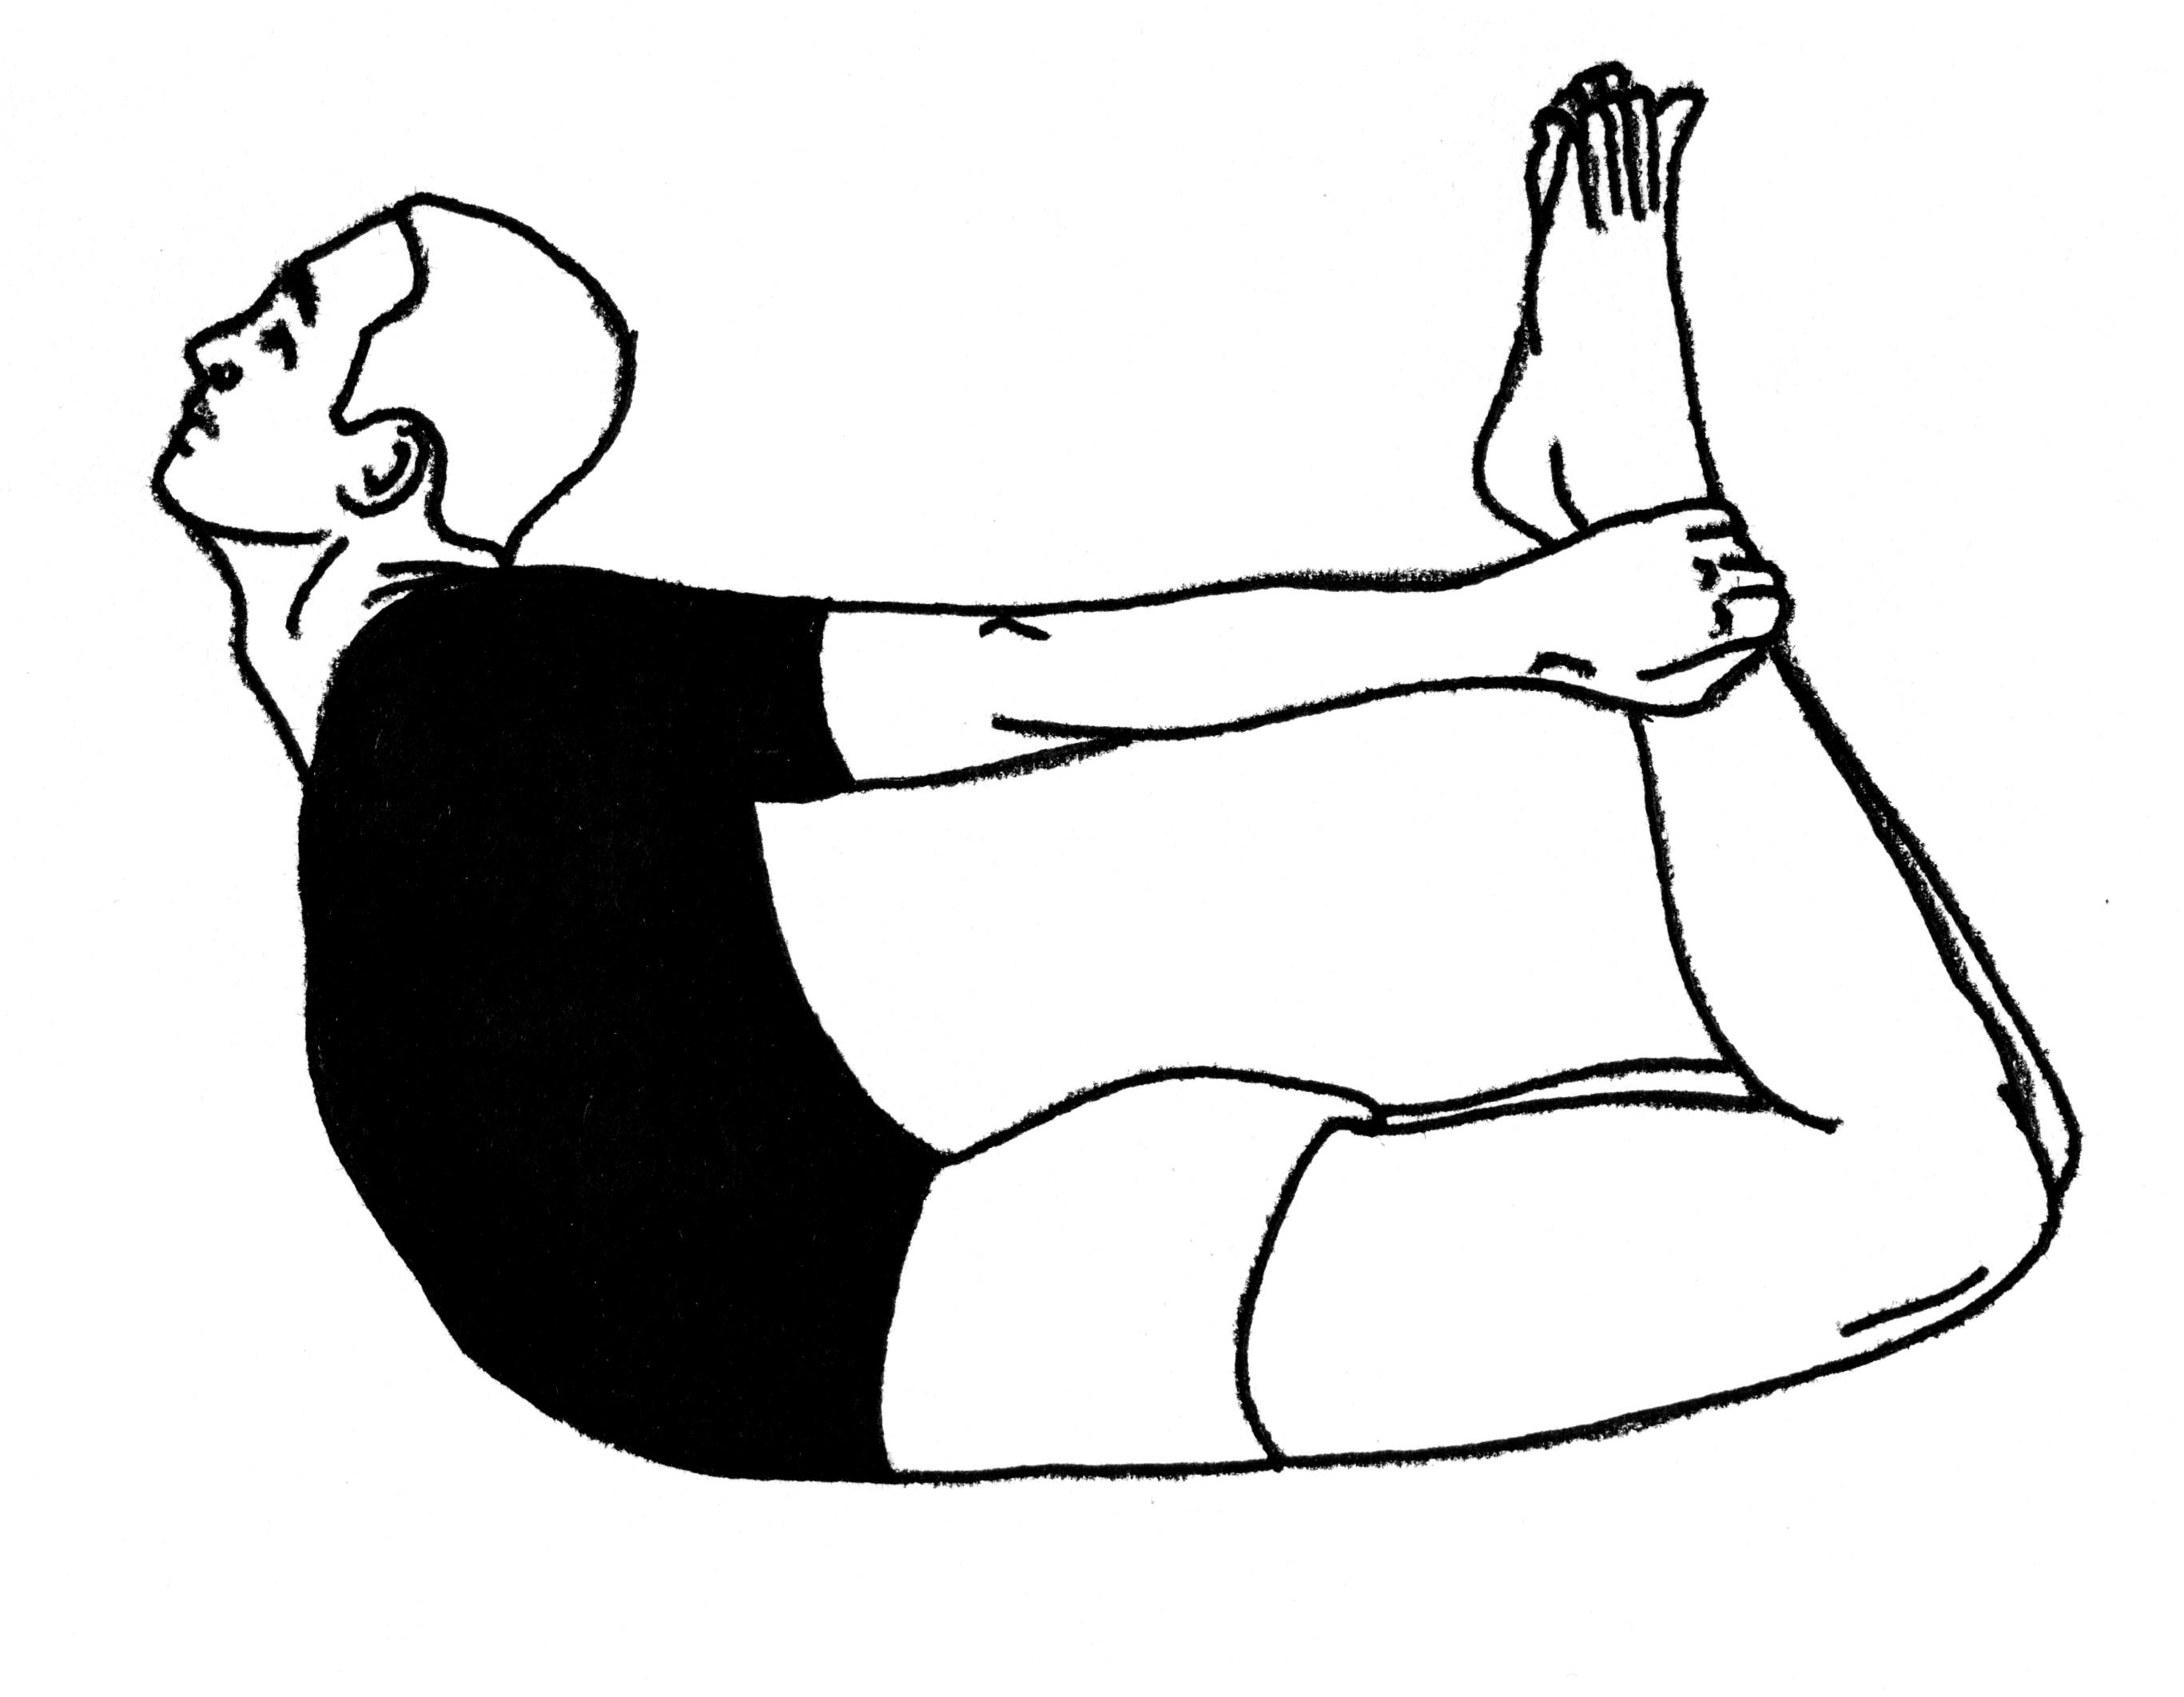 создания упражнение коробочка картинки установке боковой антабки